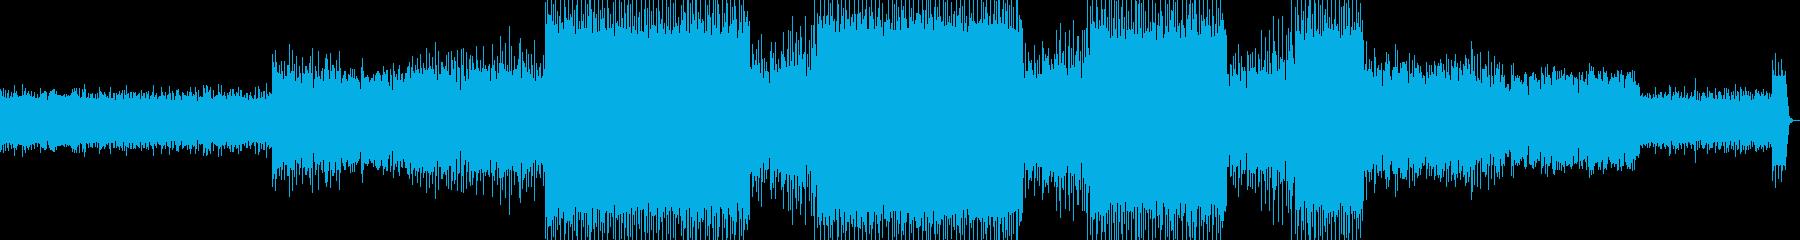 ドラムンベースですの再生済みの波形